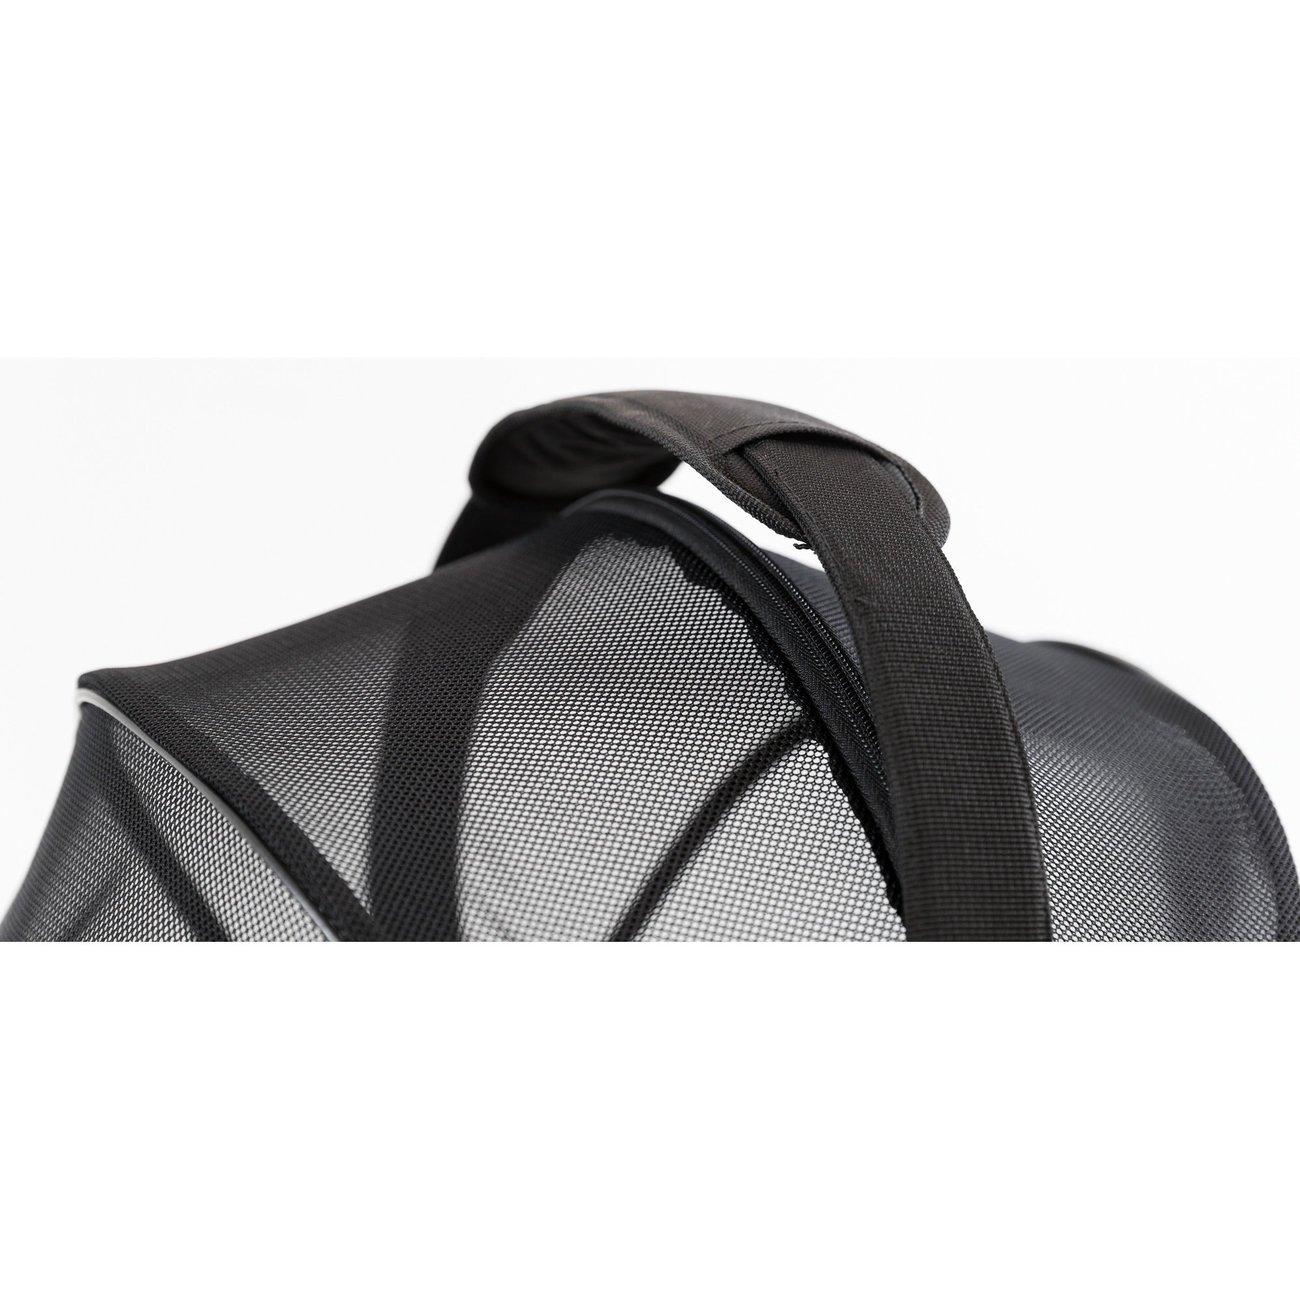 Fahrradtasche mit Metallrahmen für breite Gepäckträger Bild 8